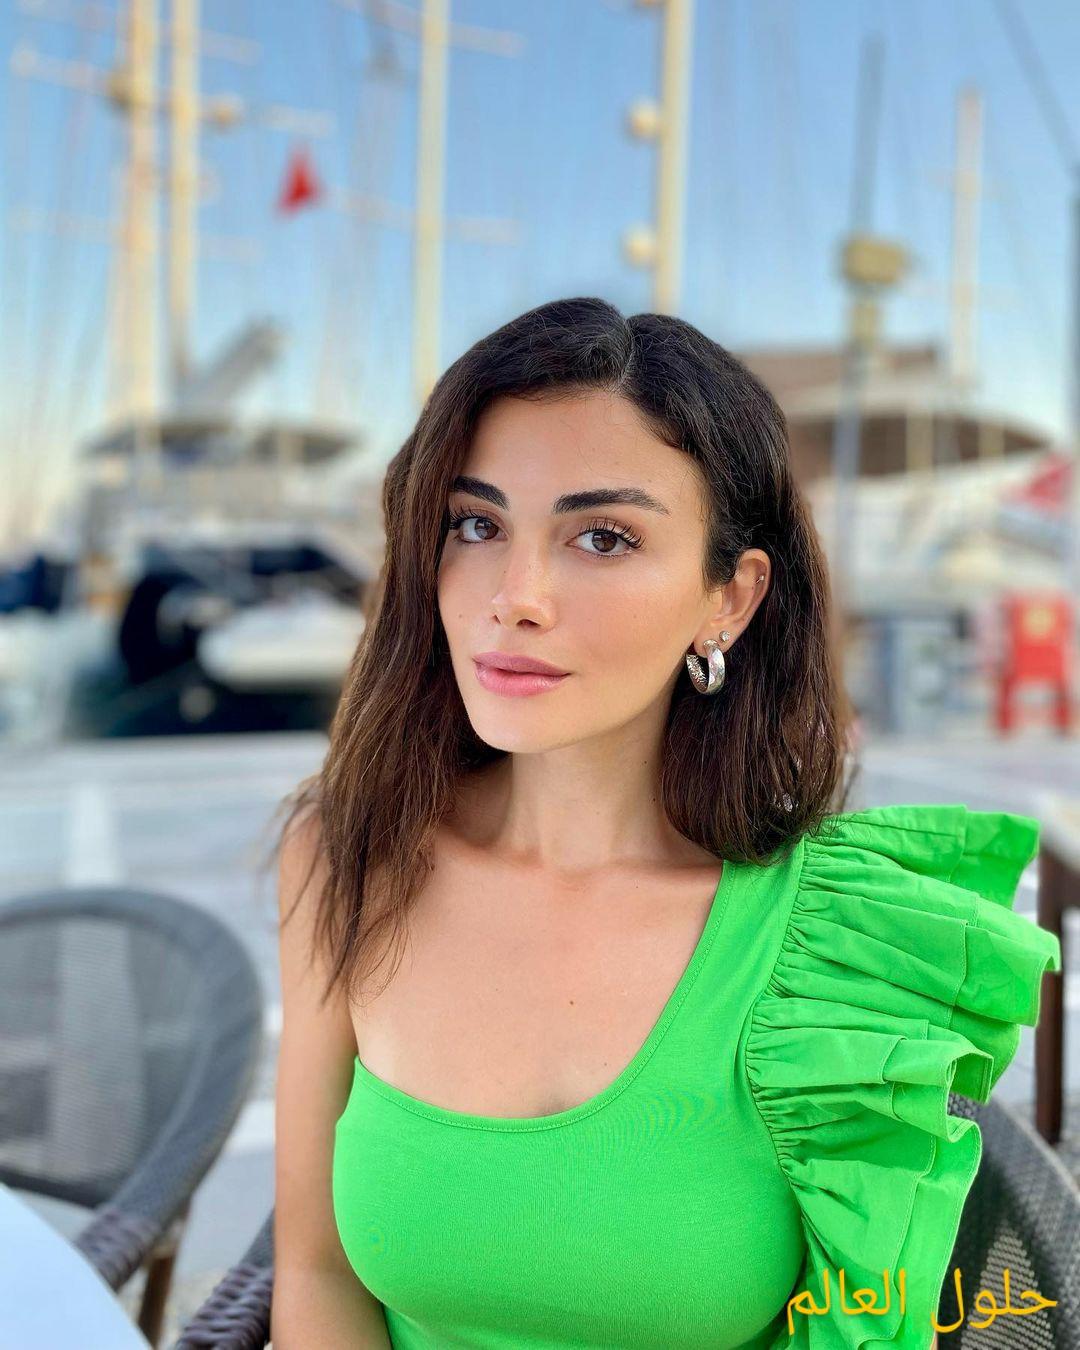 أوزجي ياغيز Özge Yağız حياتها منذ الطفولة ومسلسلاتها